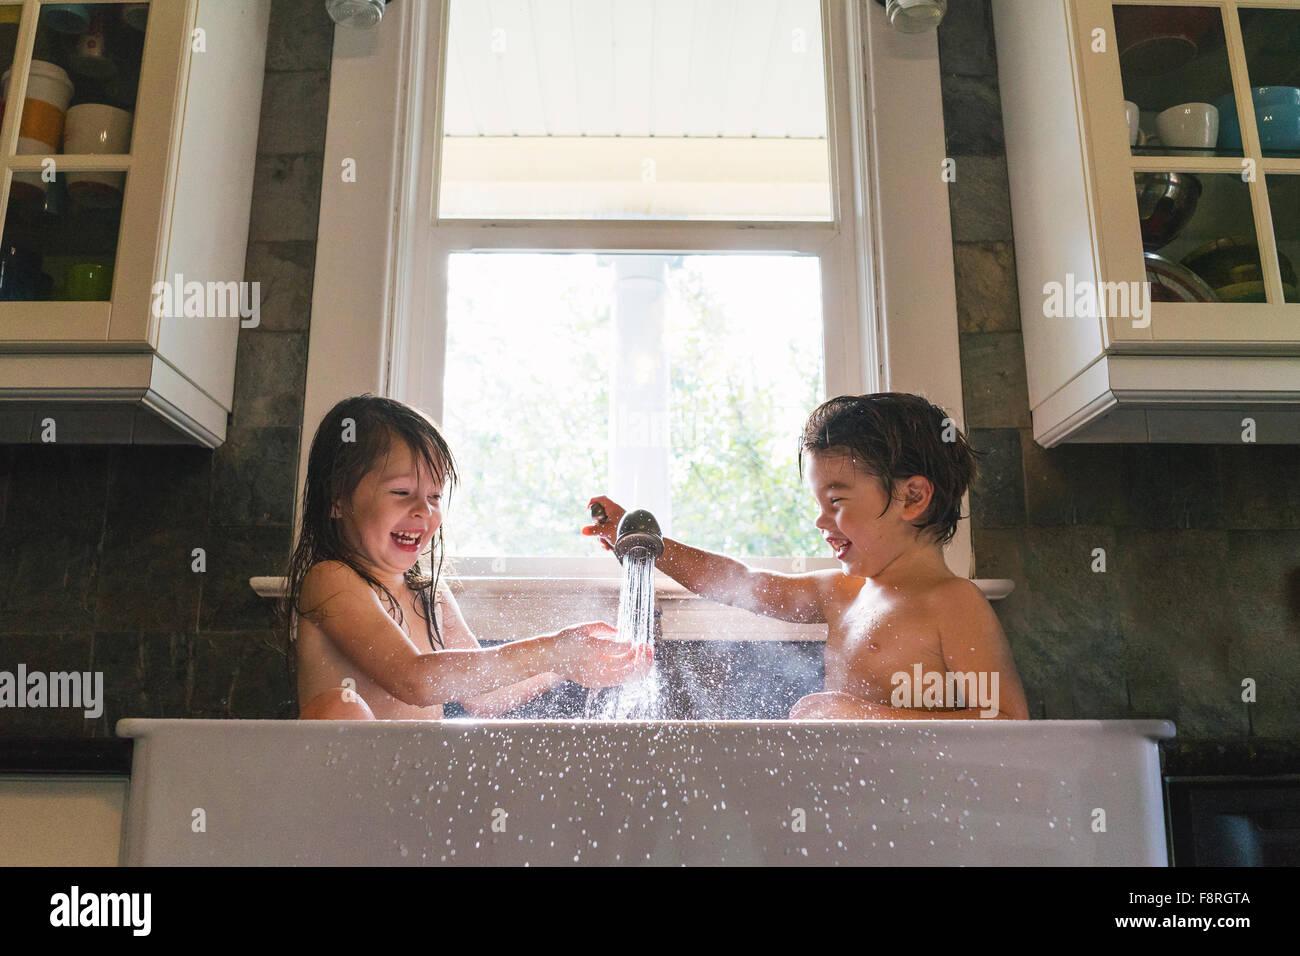 Jeune garçon et fille assise à jouer avec de l'eau d'évier de cuisine Banque D'Images